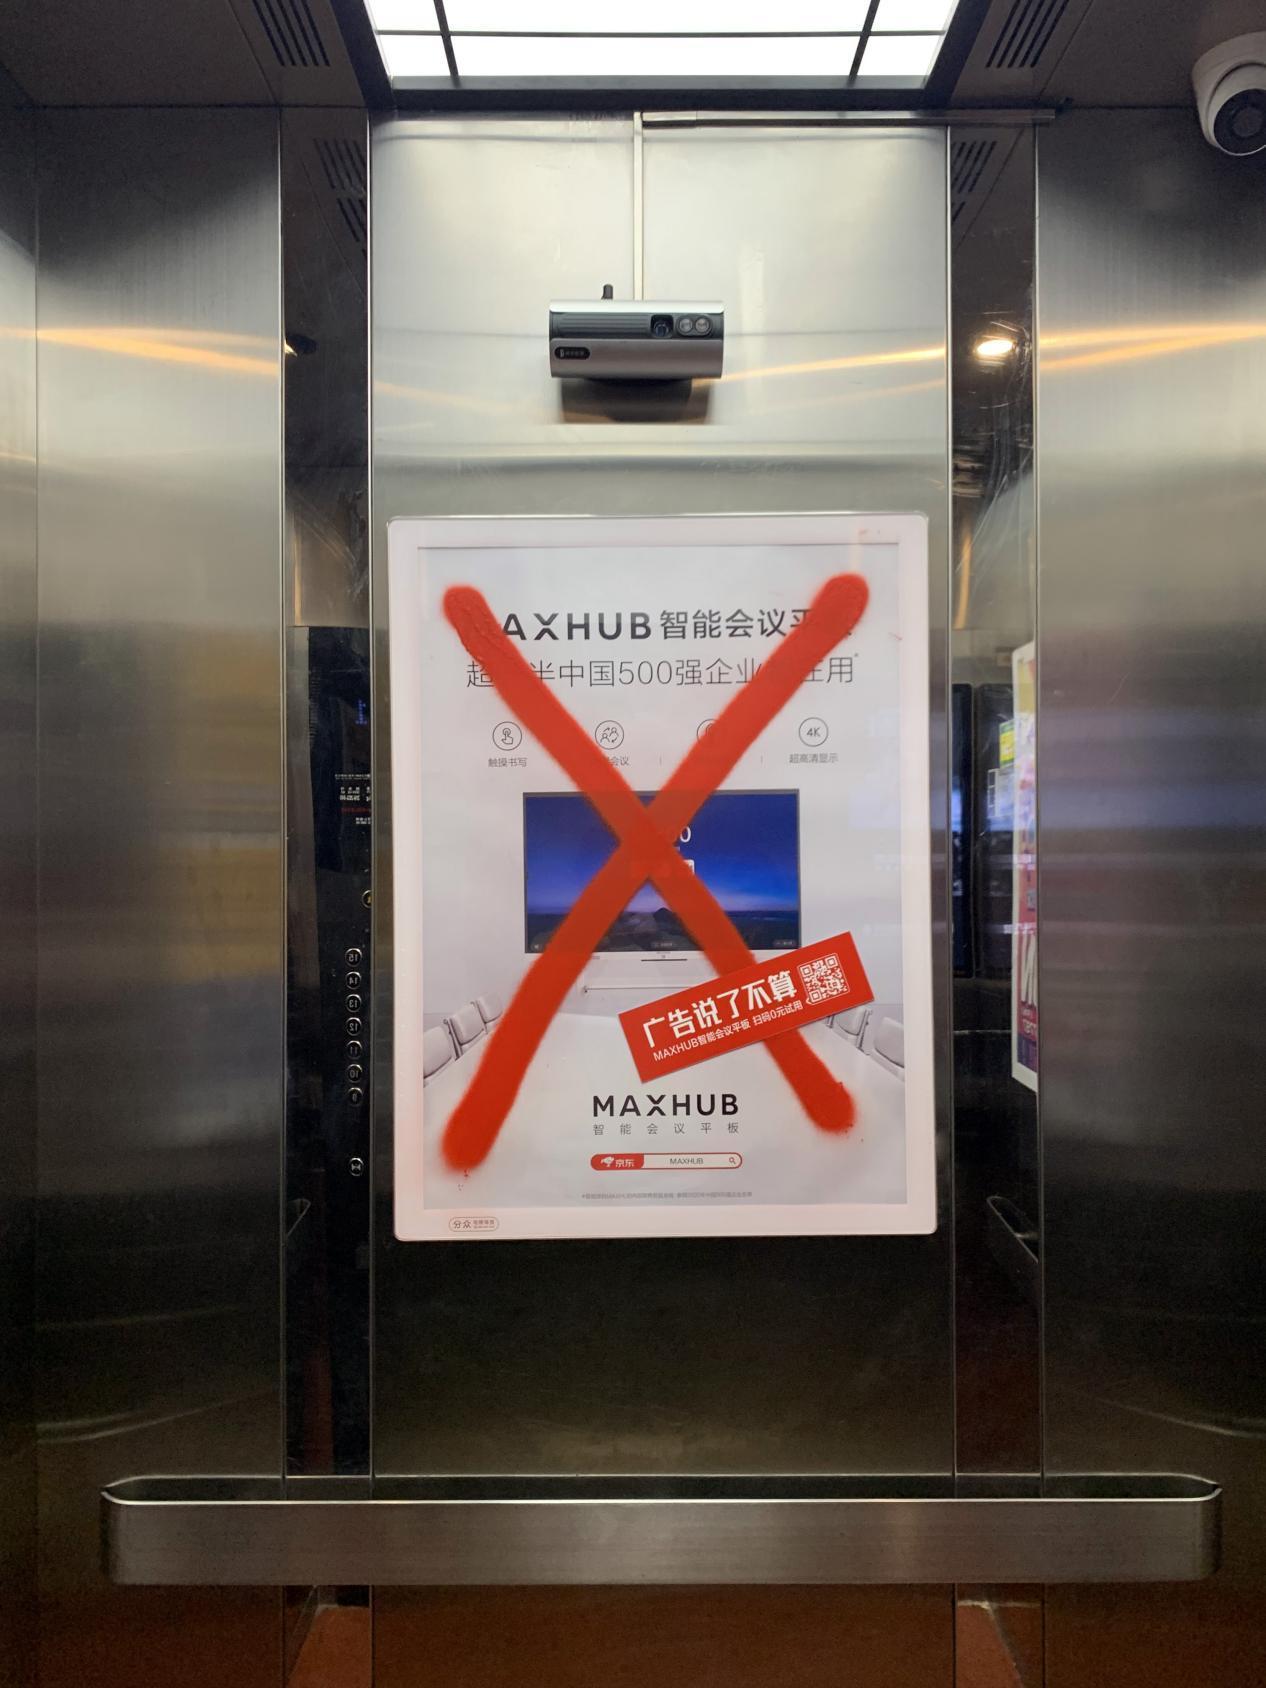 好产品会说话,广告说了不算:MAXHUB总裁怒喷广告牌背后